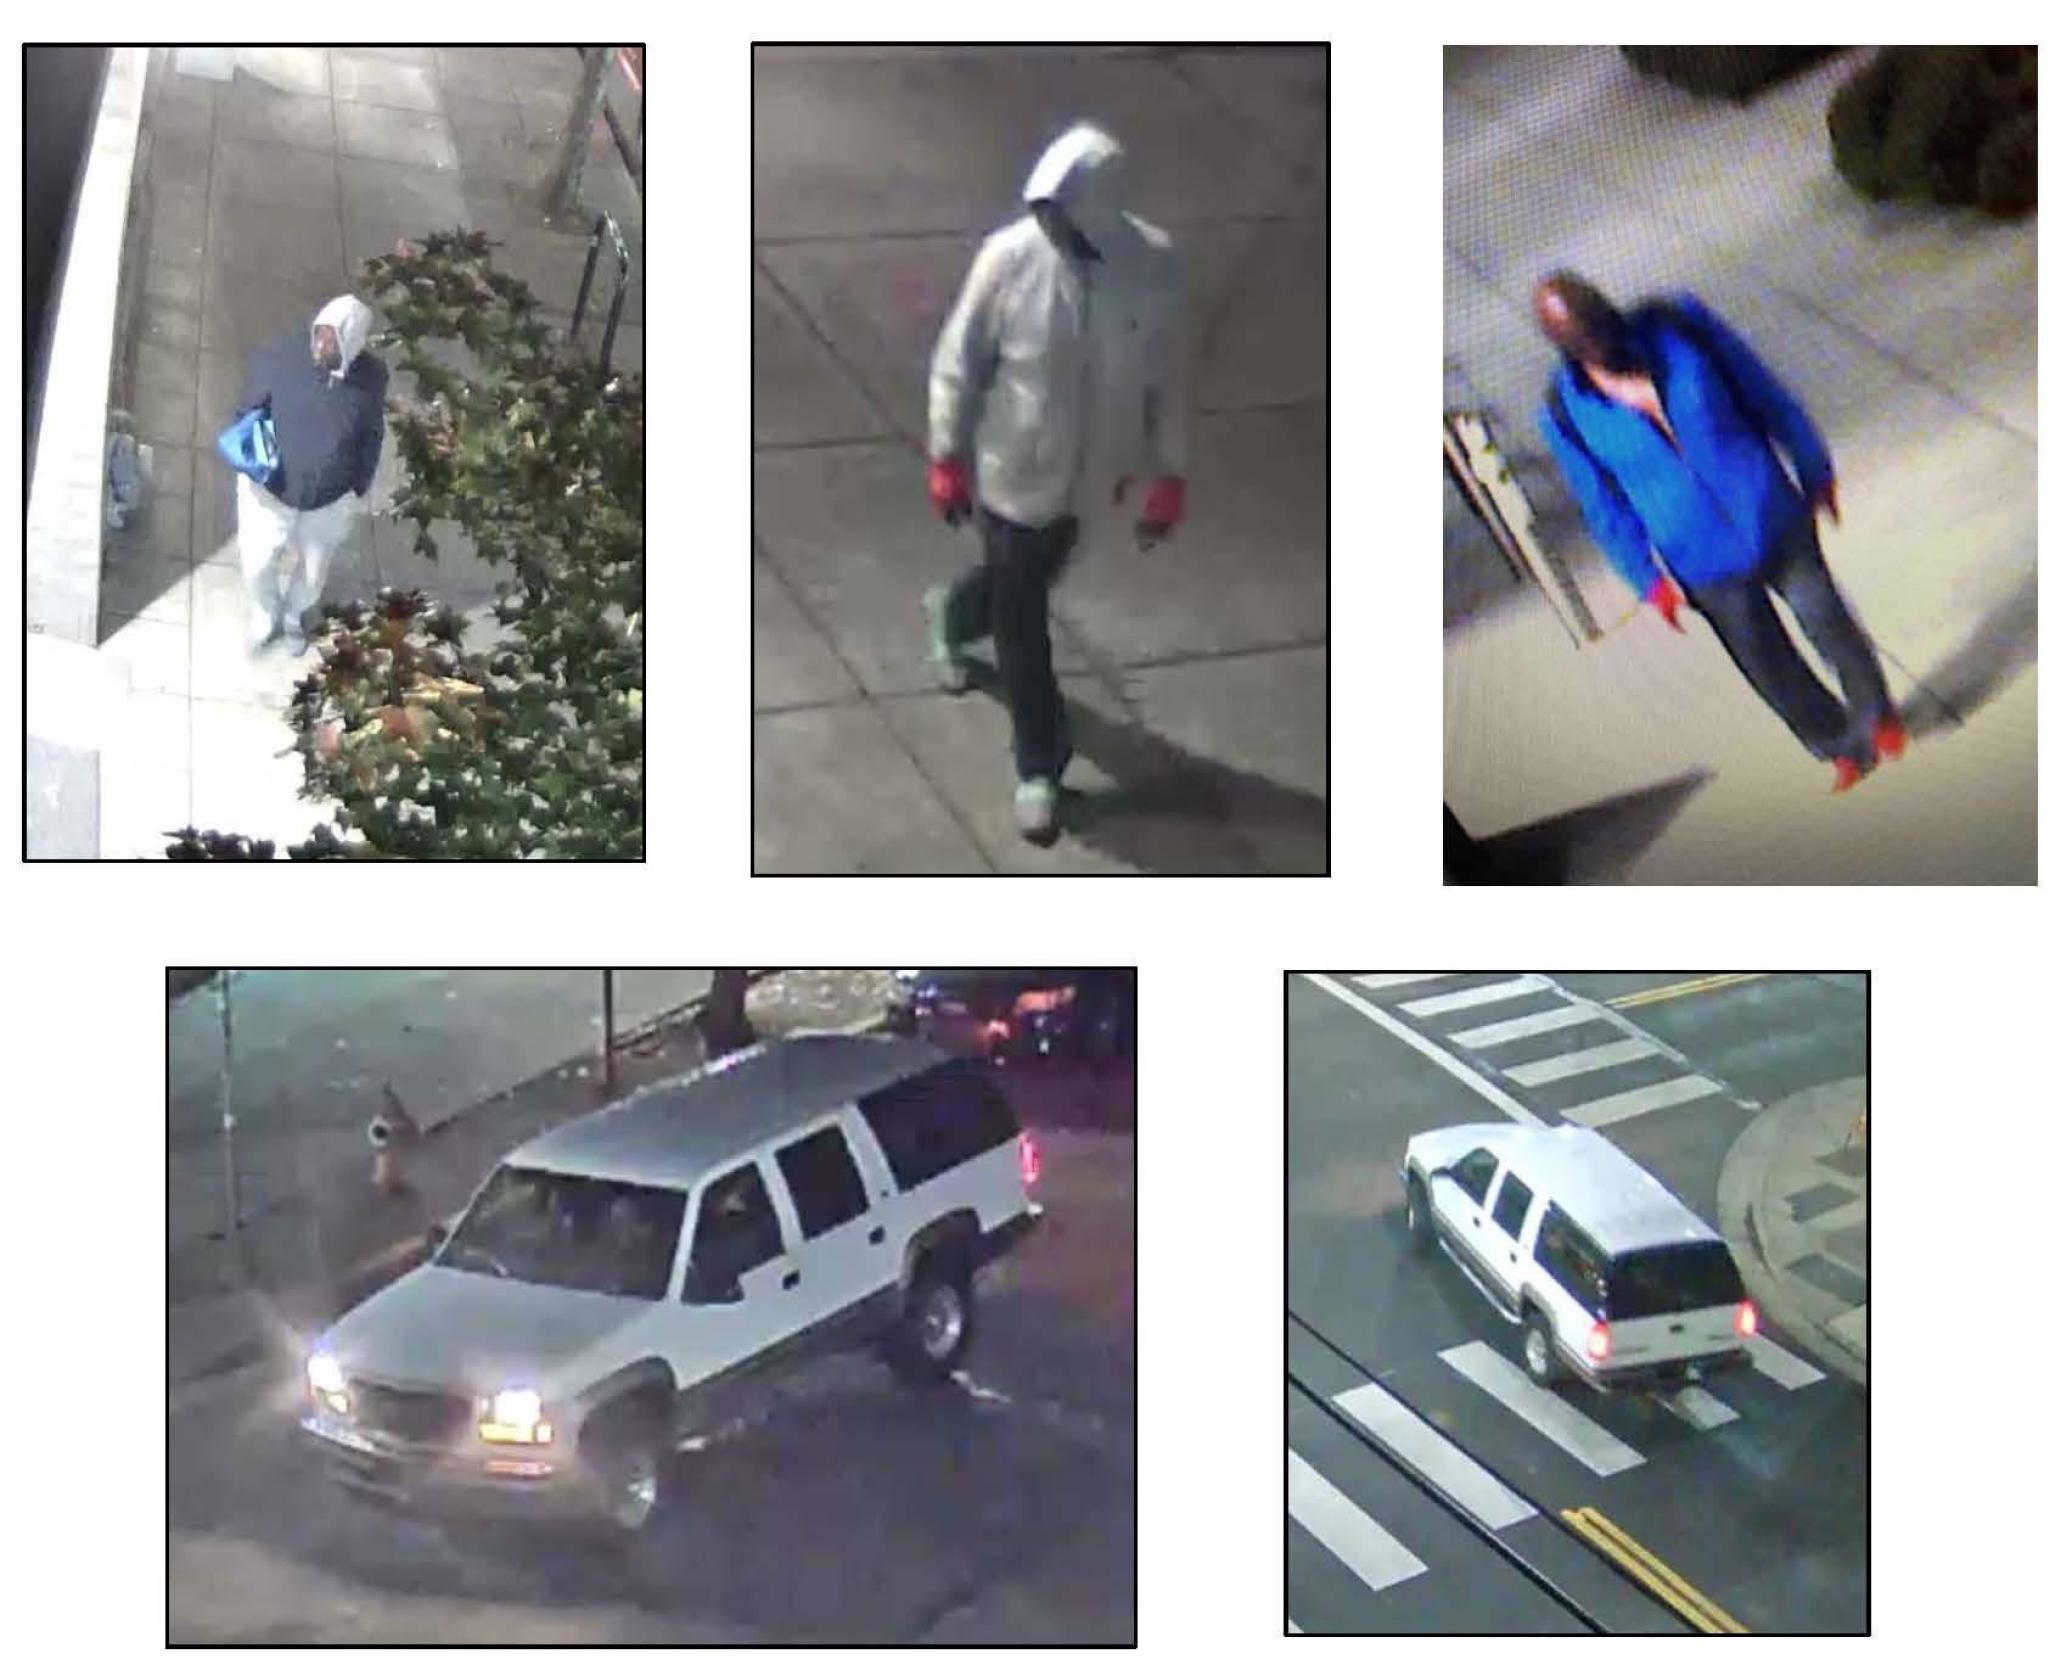 images of suspect, described below